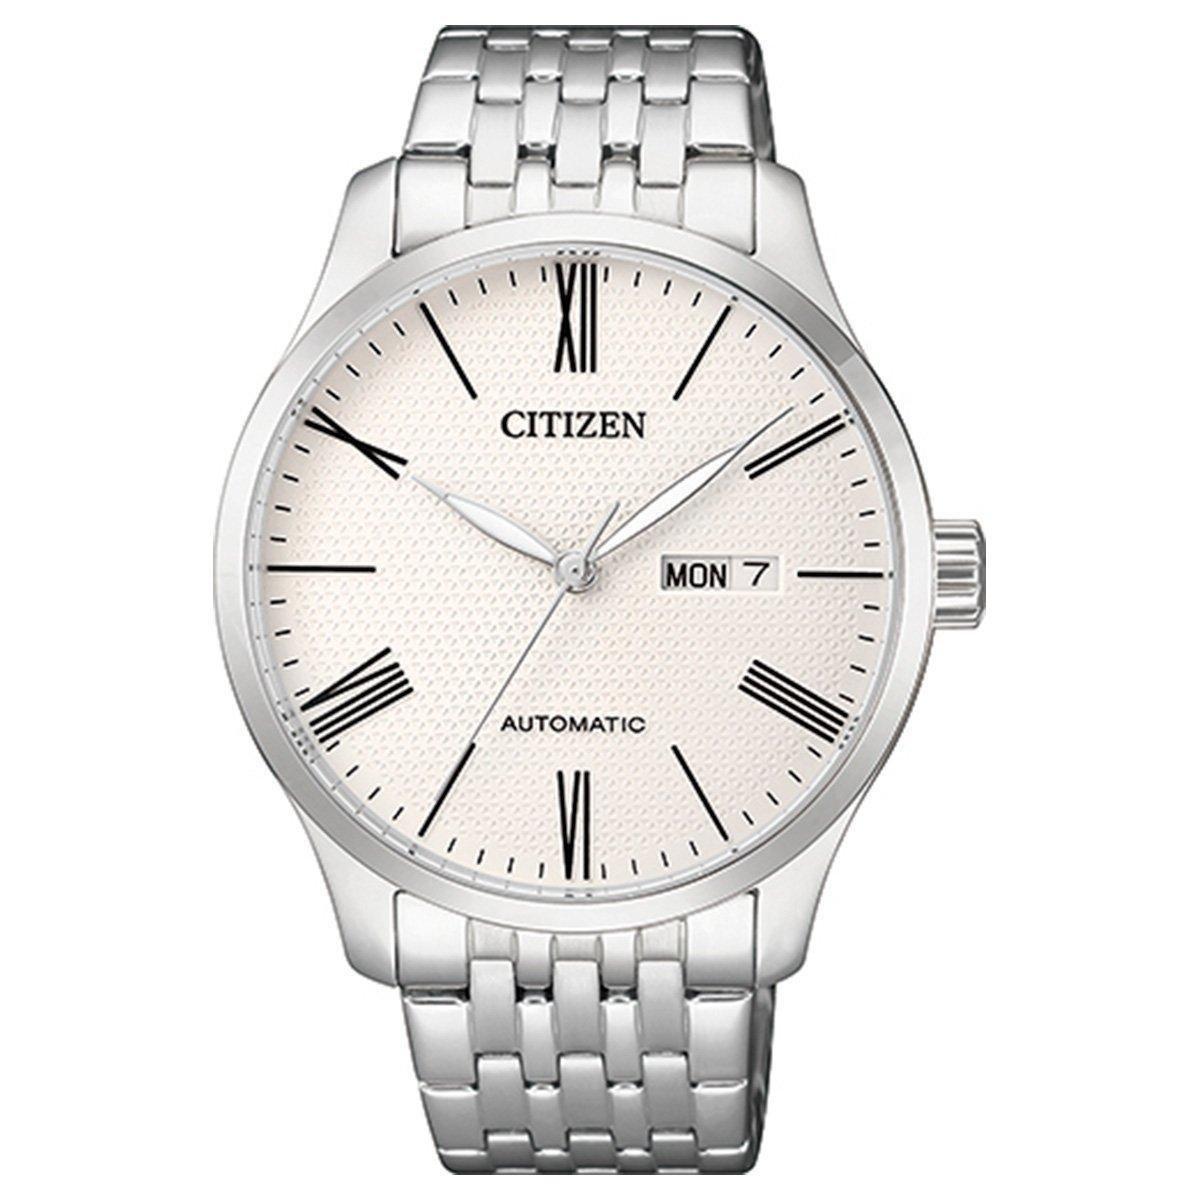 a42b6194edf Relógio Citizen Analógico TZ20804Q Masculino